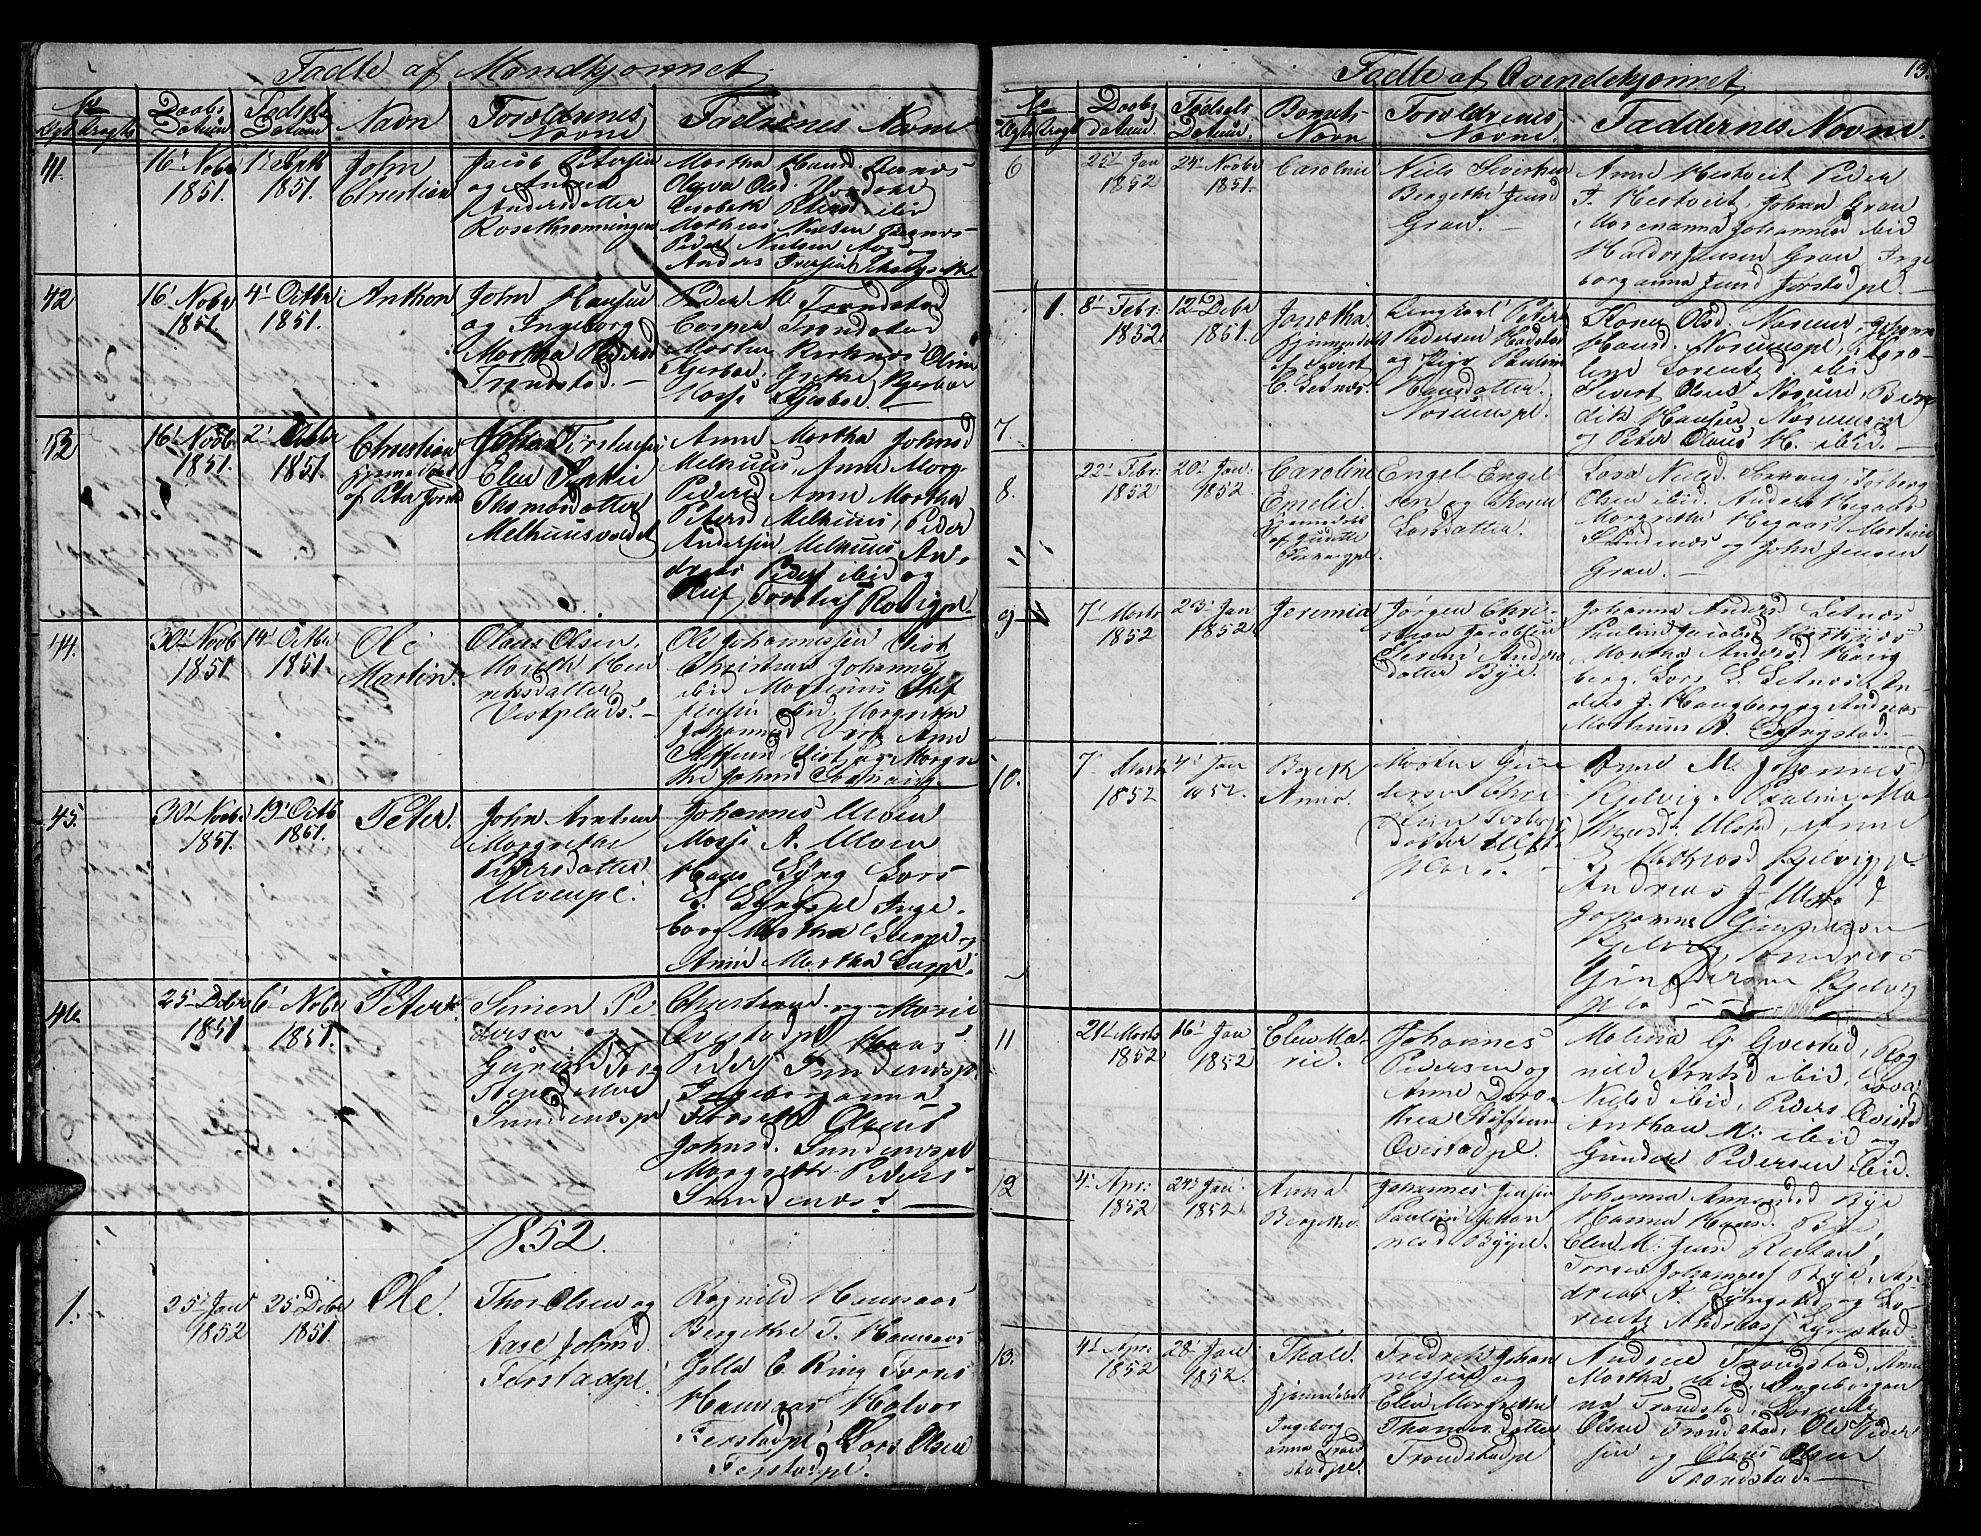 SAT, Ministerialprotokoller, klokkerbøker og fødselsregistre - Nord-Trøndelag, 730/L0299: Klokkerbok nr. 730C02, 1849-1871, s. 13